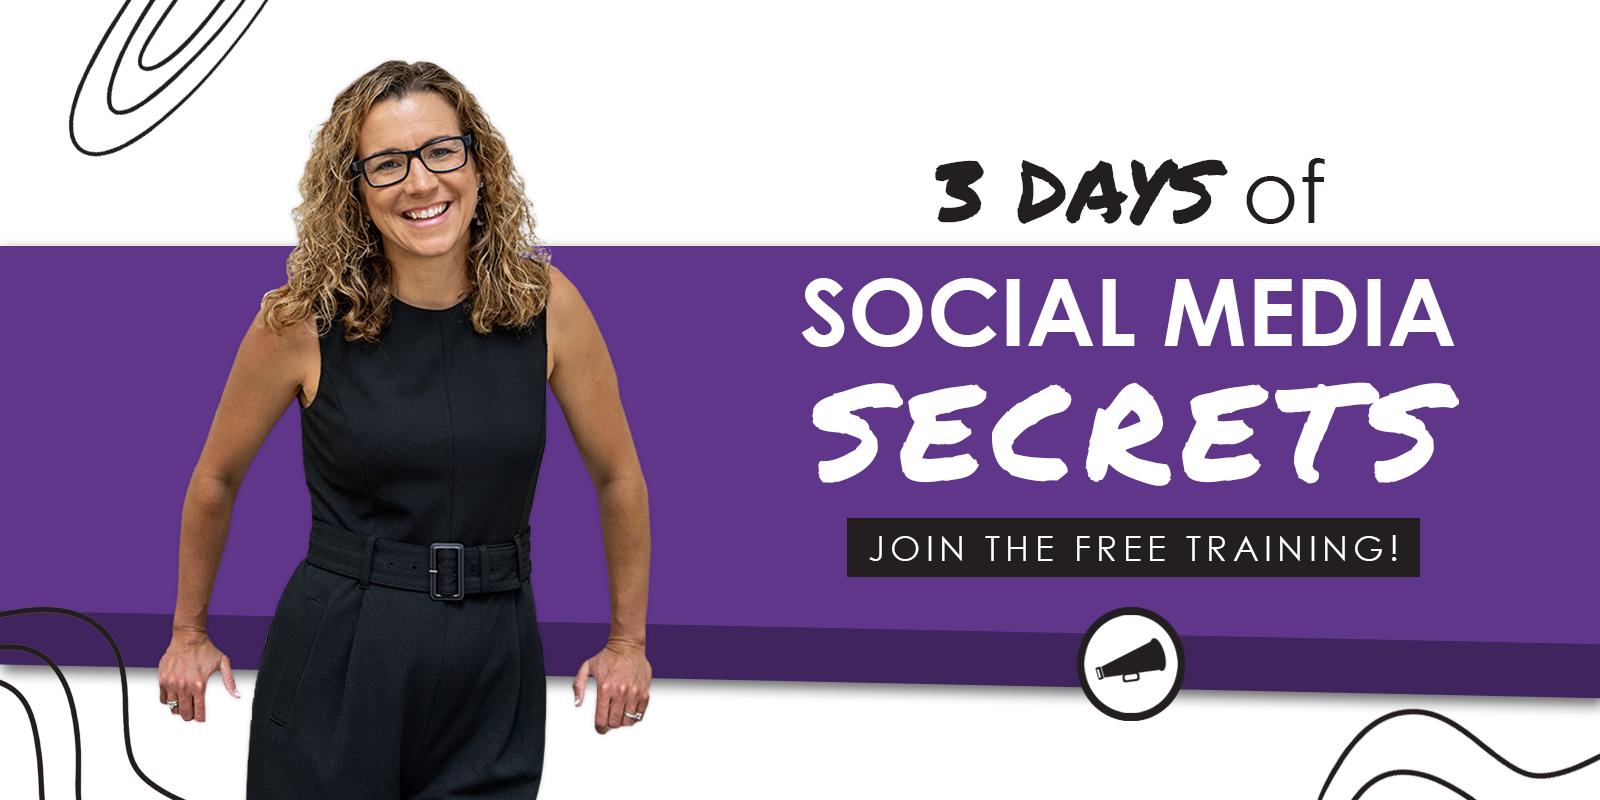 Social Media Secrets for Schools